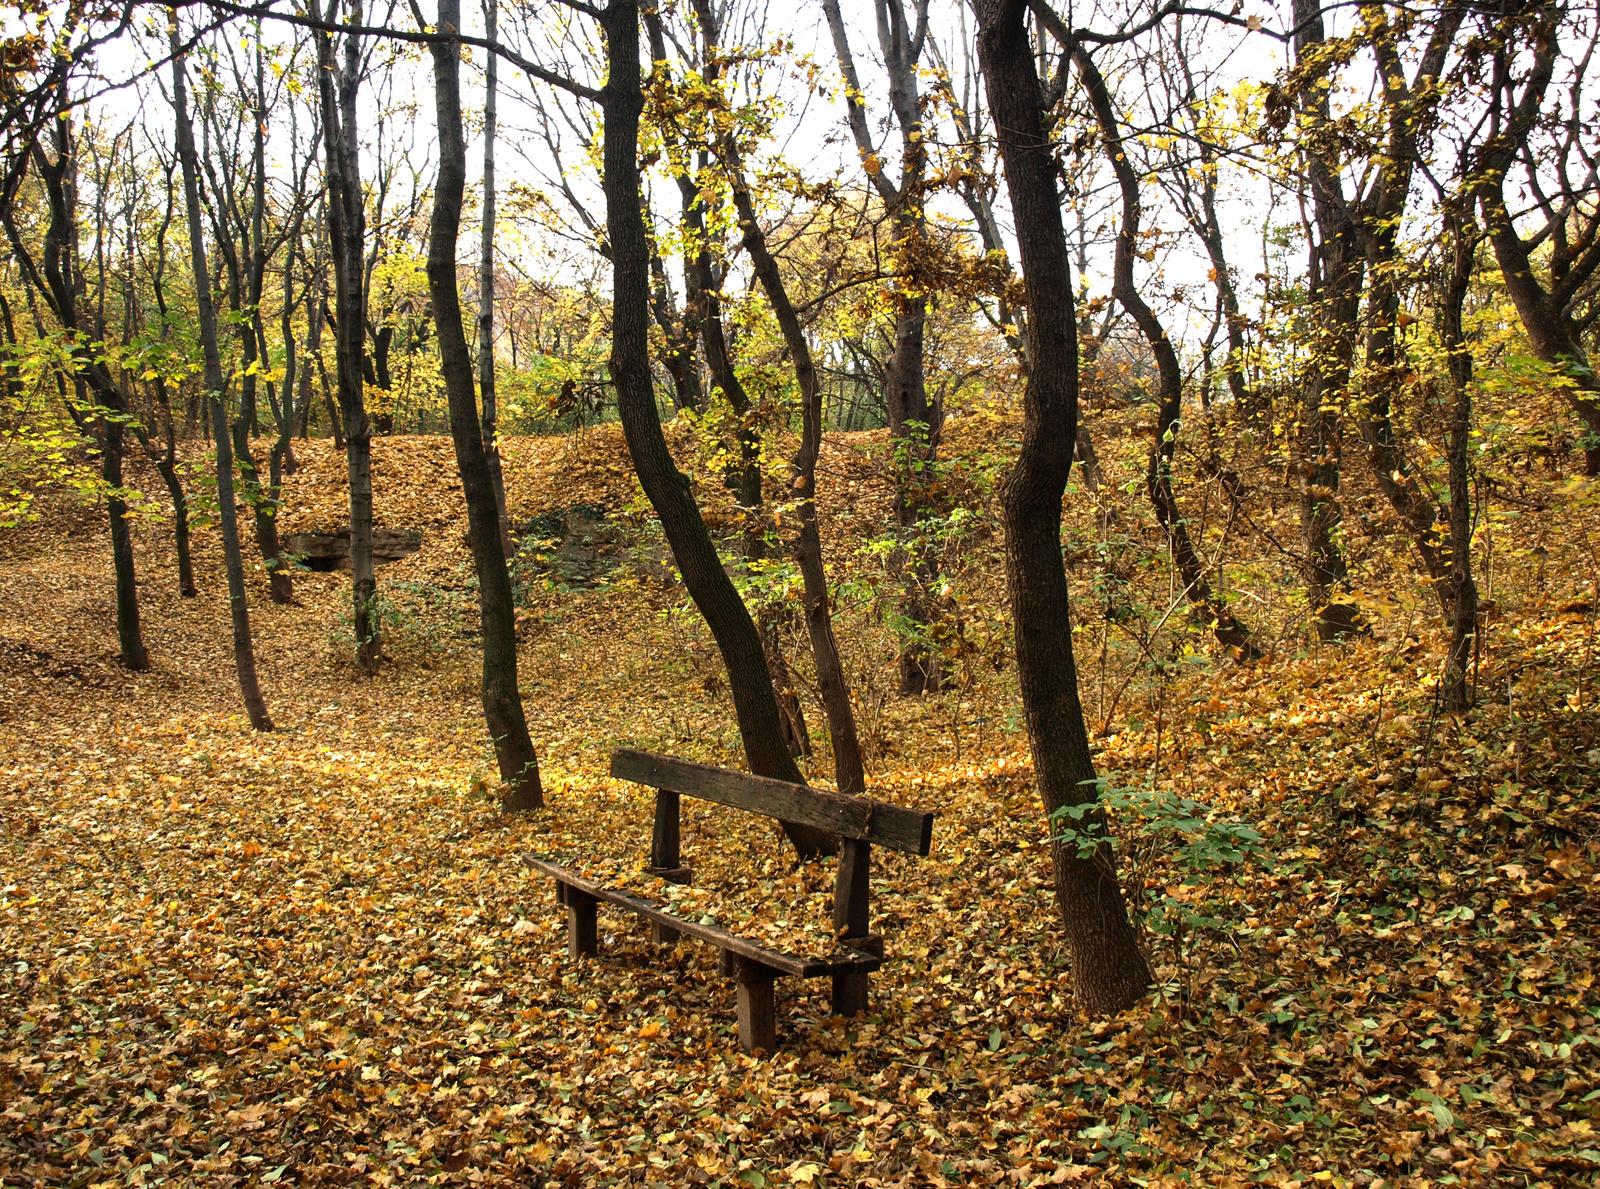 levetették az őszi ruhájukat